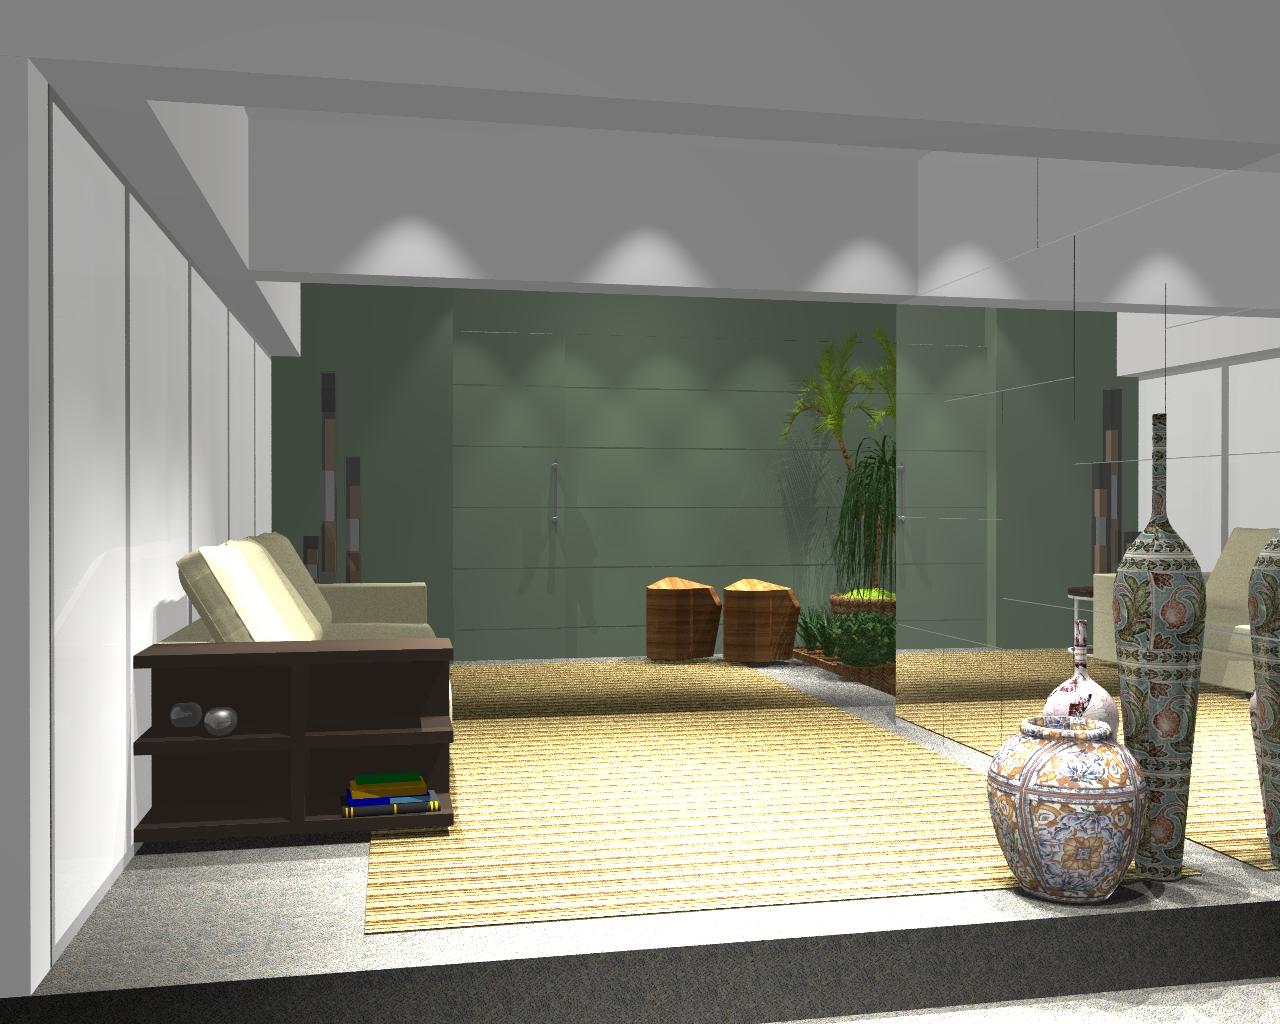 Feng Shui e Decoração: Setembro 2012 #20226E 1280x1024 Banheiro Amarelo Feng Shui